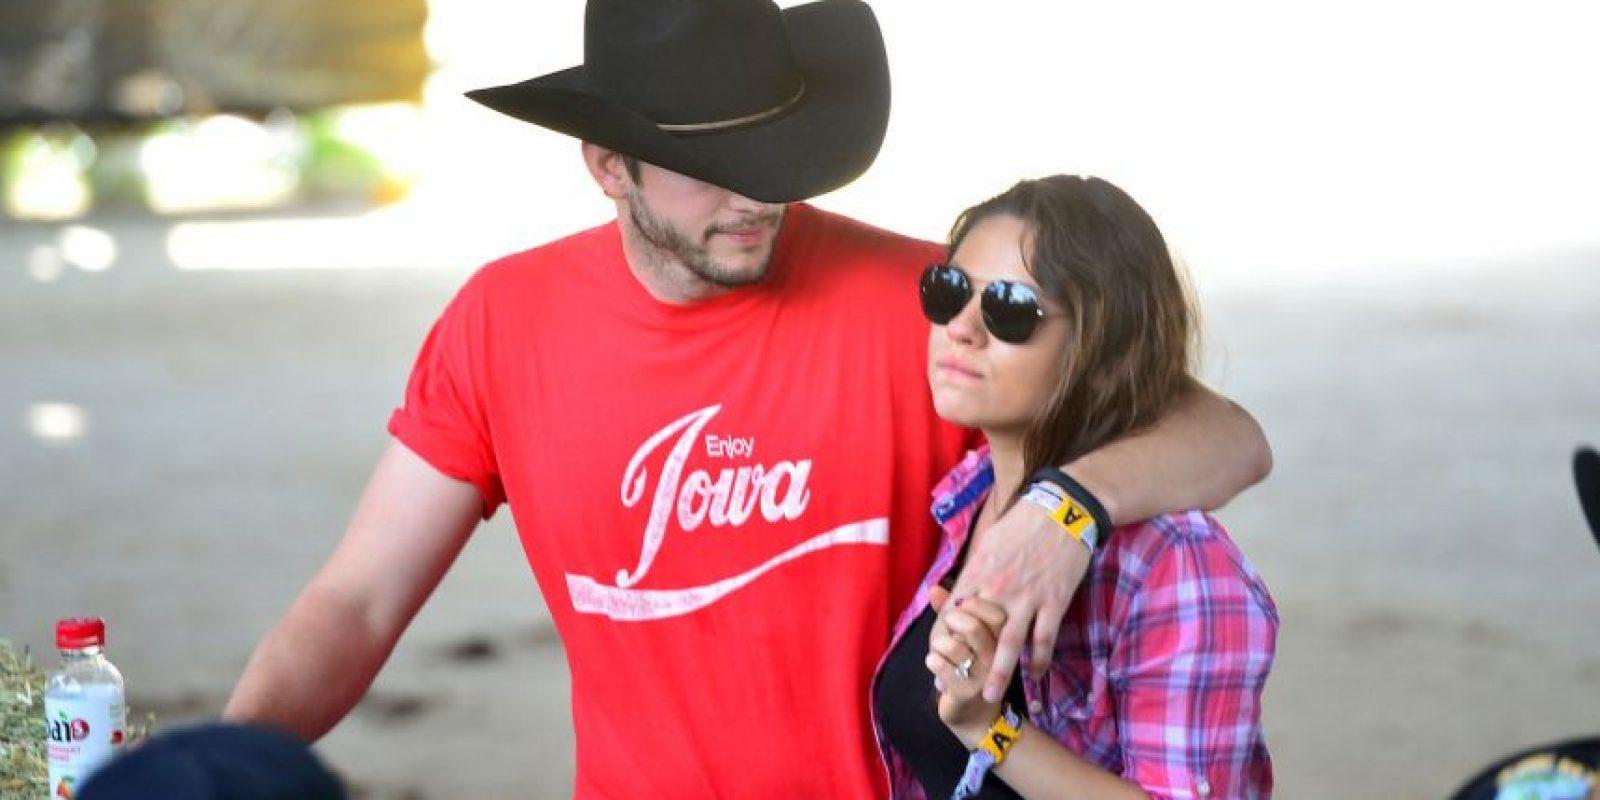 La unión entre estos dos actores lo confirman las declaraciones de ella durante un programa de televisión y el anillo de diamantes que luce en su mano. Foto:Getty